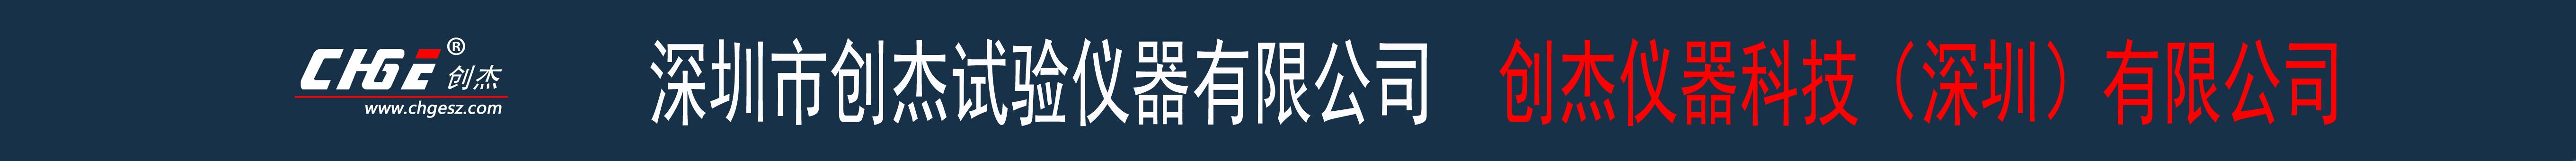 創傑儀器科技(深圳)有限公司